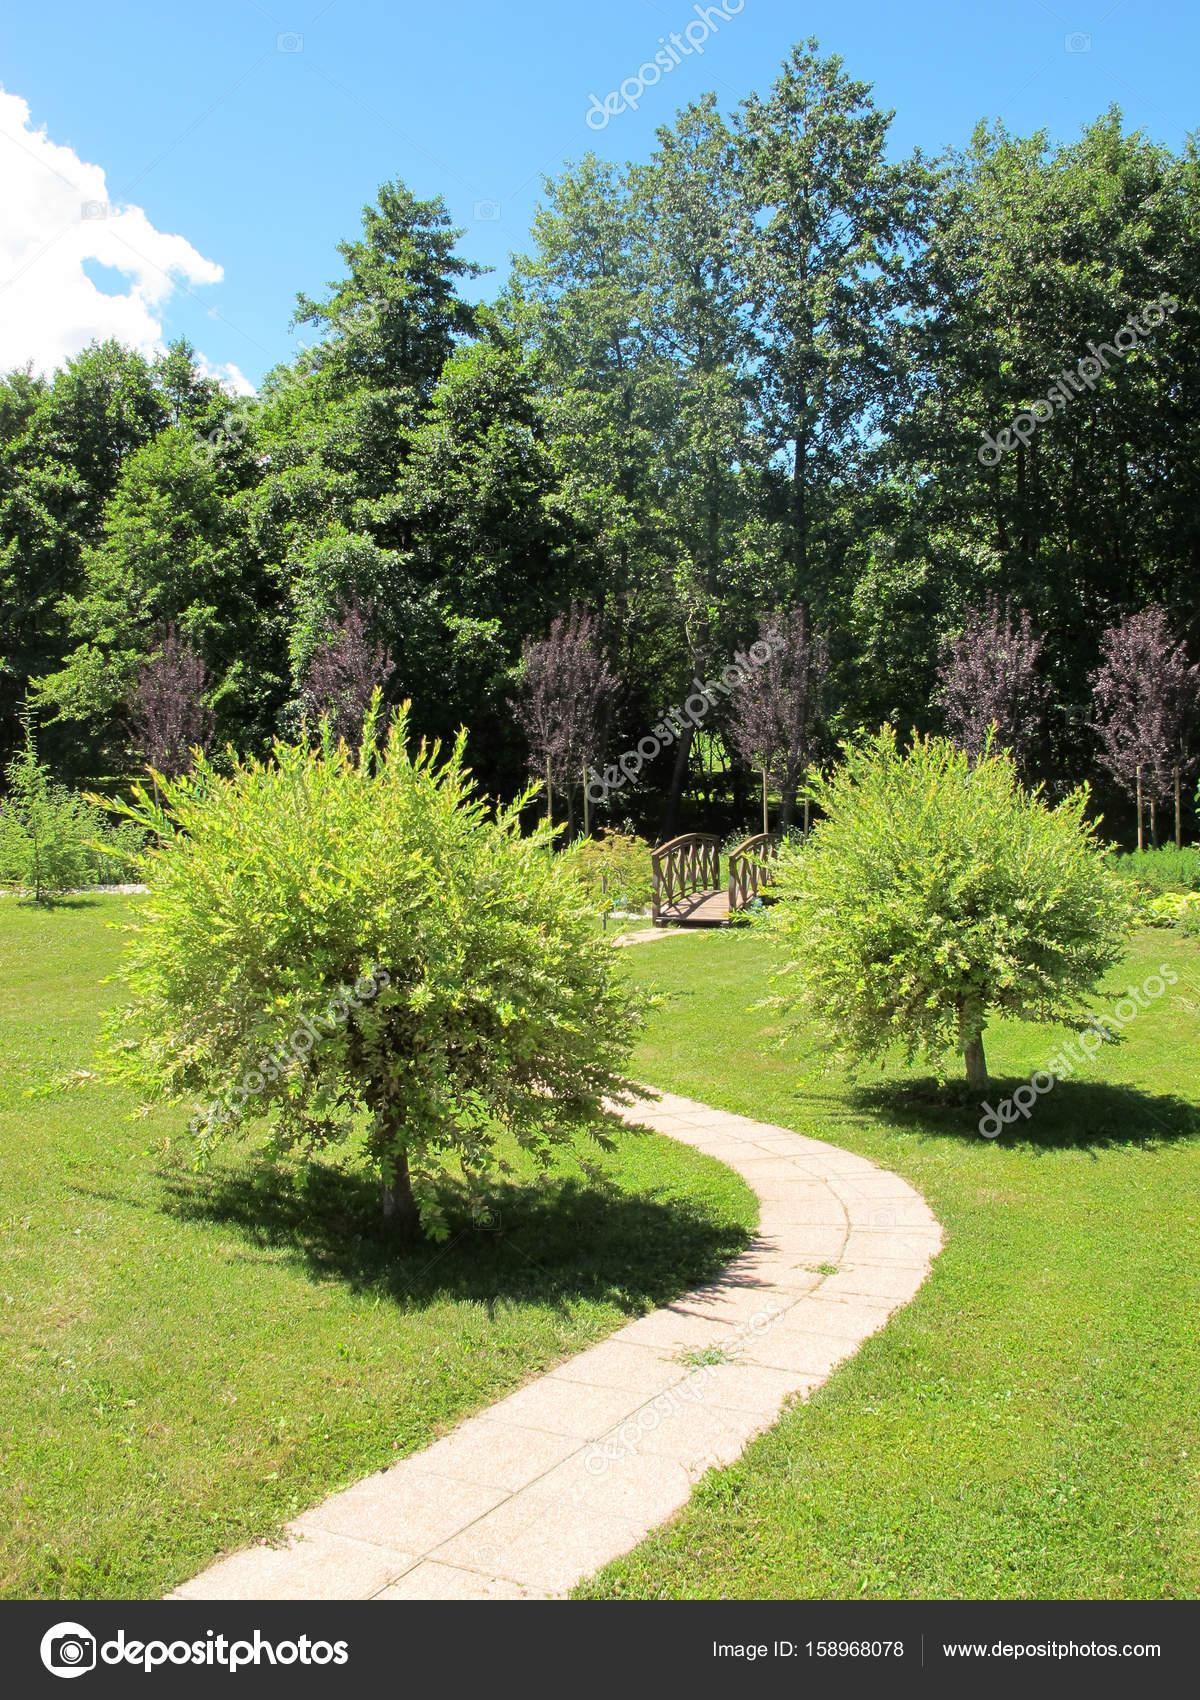 Japanische Weide Bäume In Einem Gepflegten Garten Stockfoto